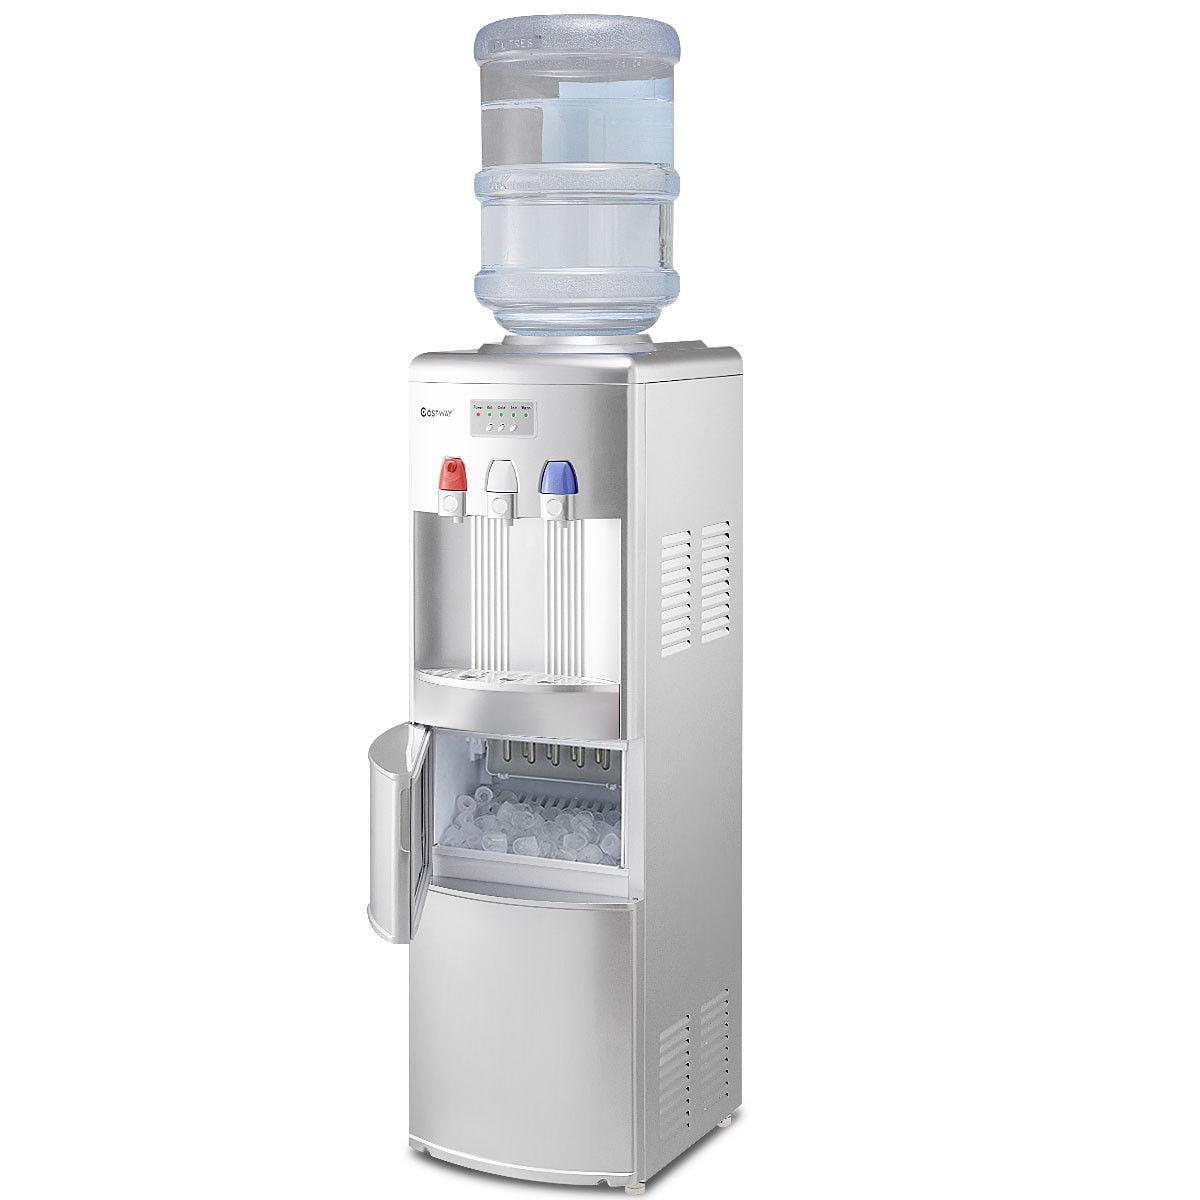 Costway Top Loading Water Dispenser W Built In Ice Maker Machine Hot Cold Room Water Walmart Com Walmart Com